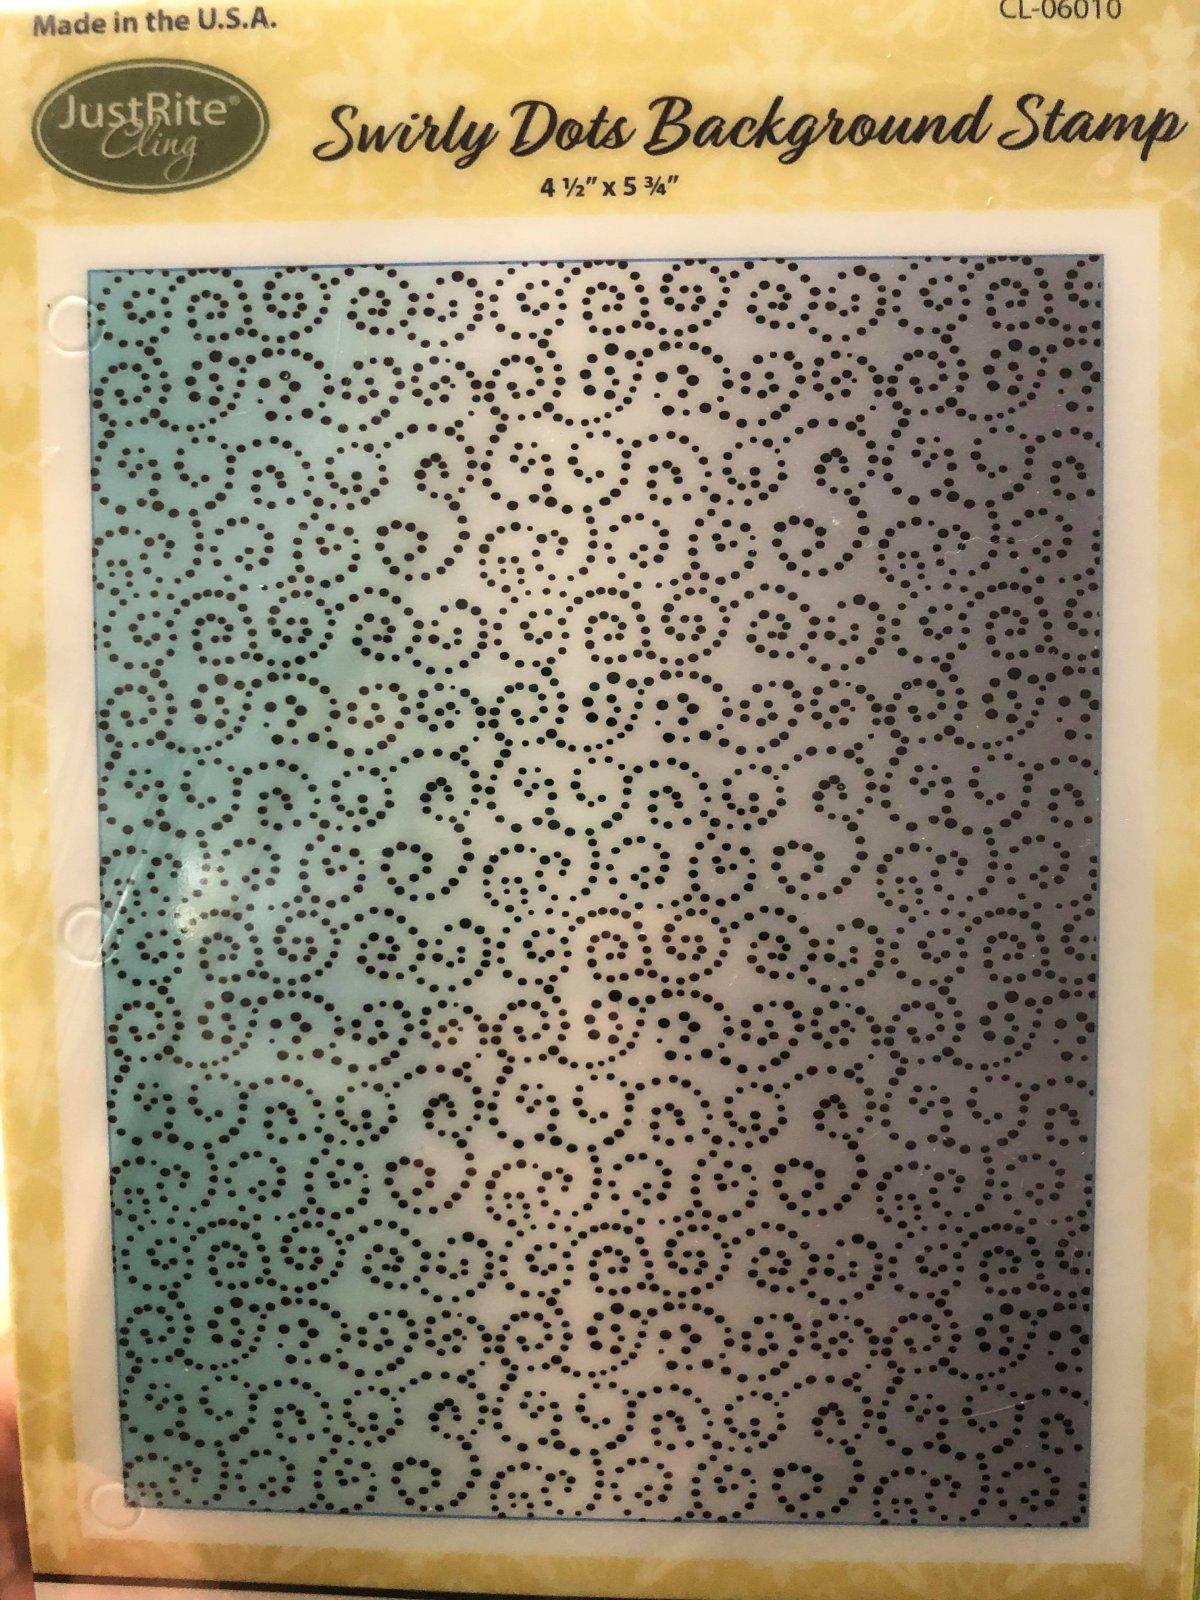 Swirly Dots Background